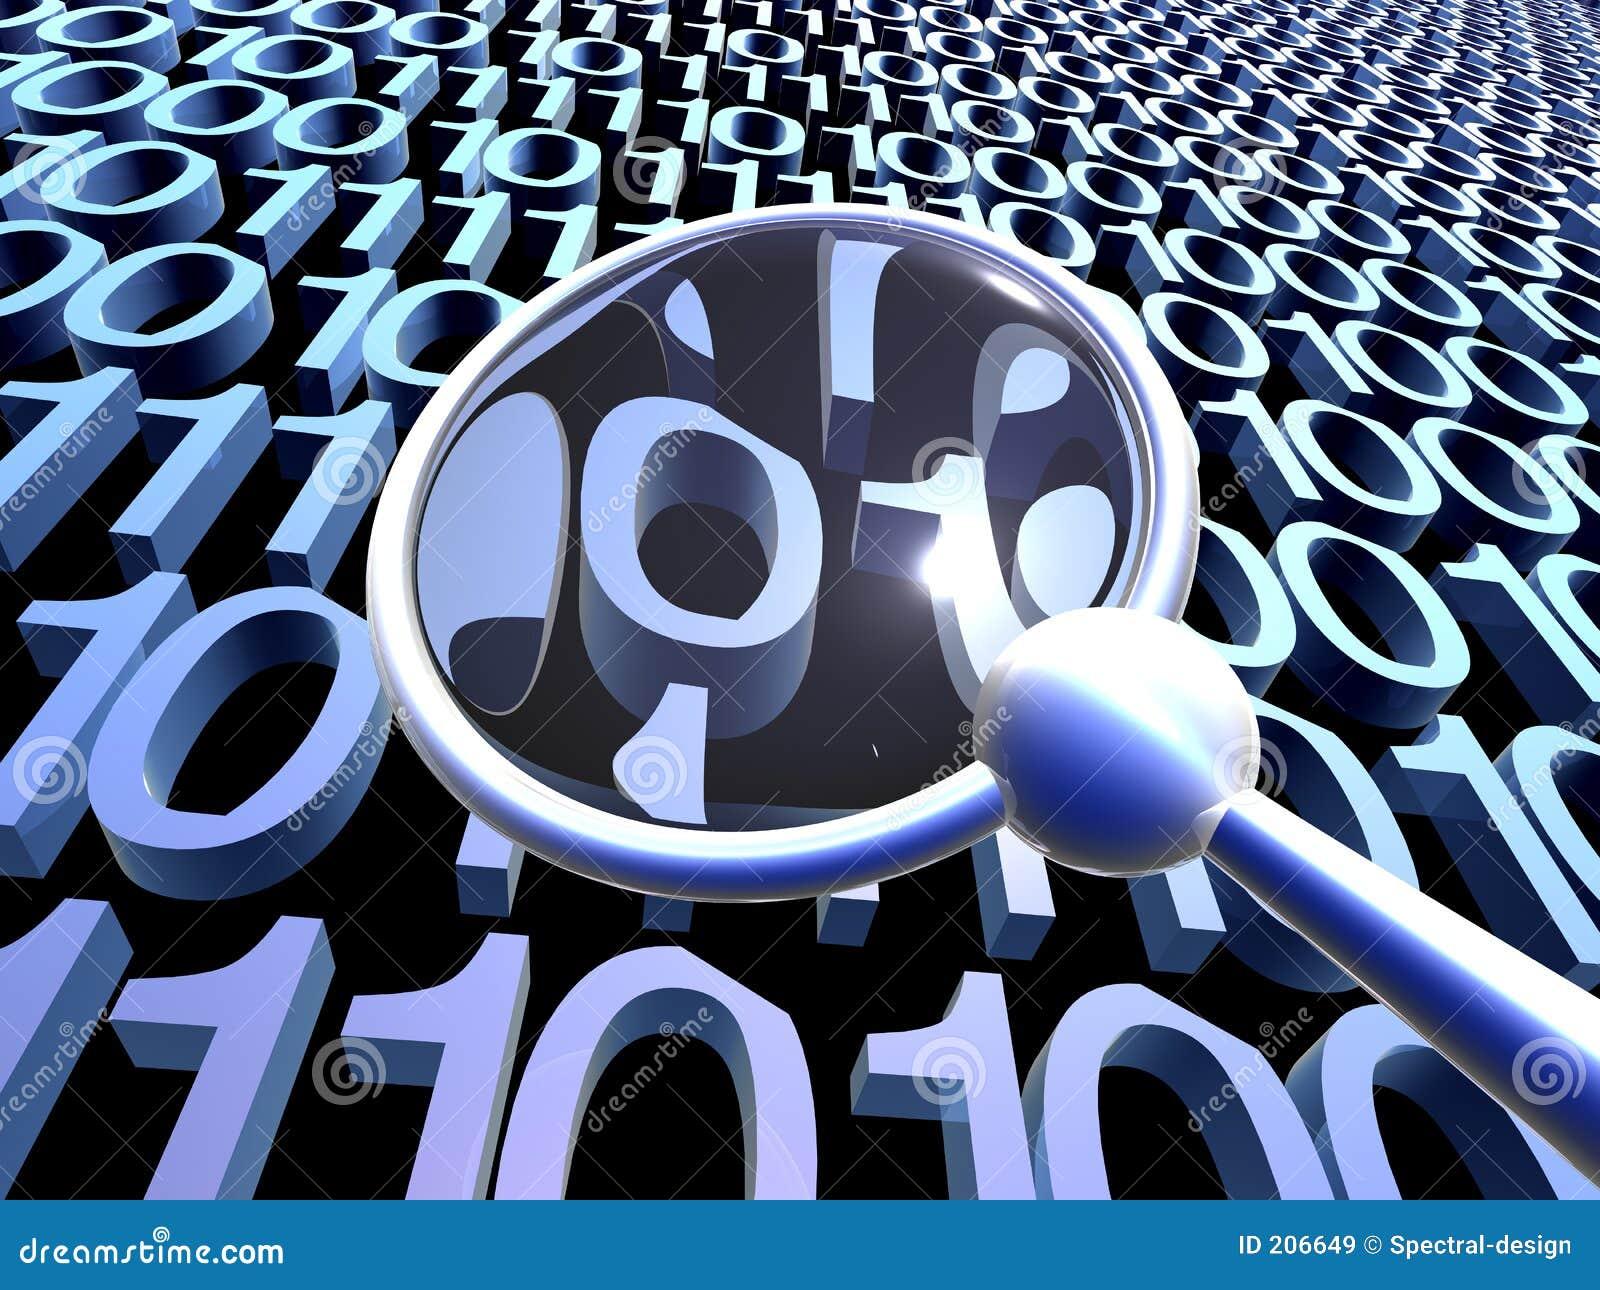 daten pr fen blau 2 stock abbildung illustration von code 206649. Black Bedroom Furniture Sets. Home Design Ideas